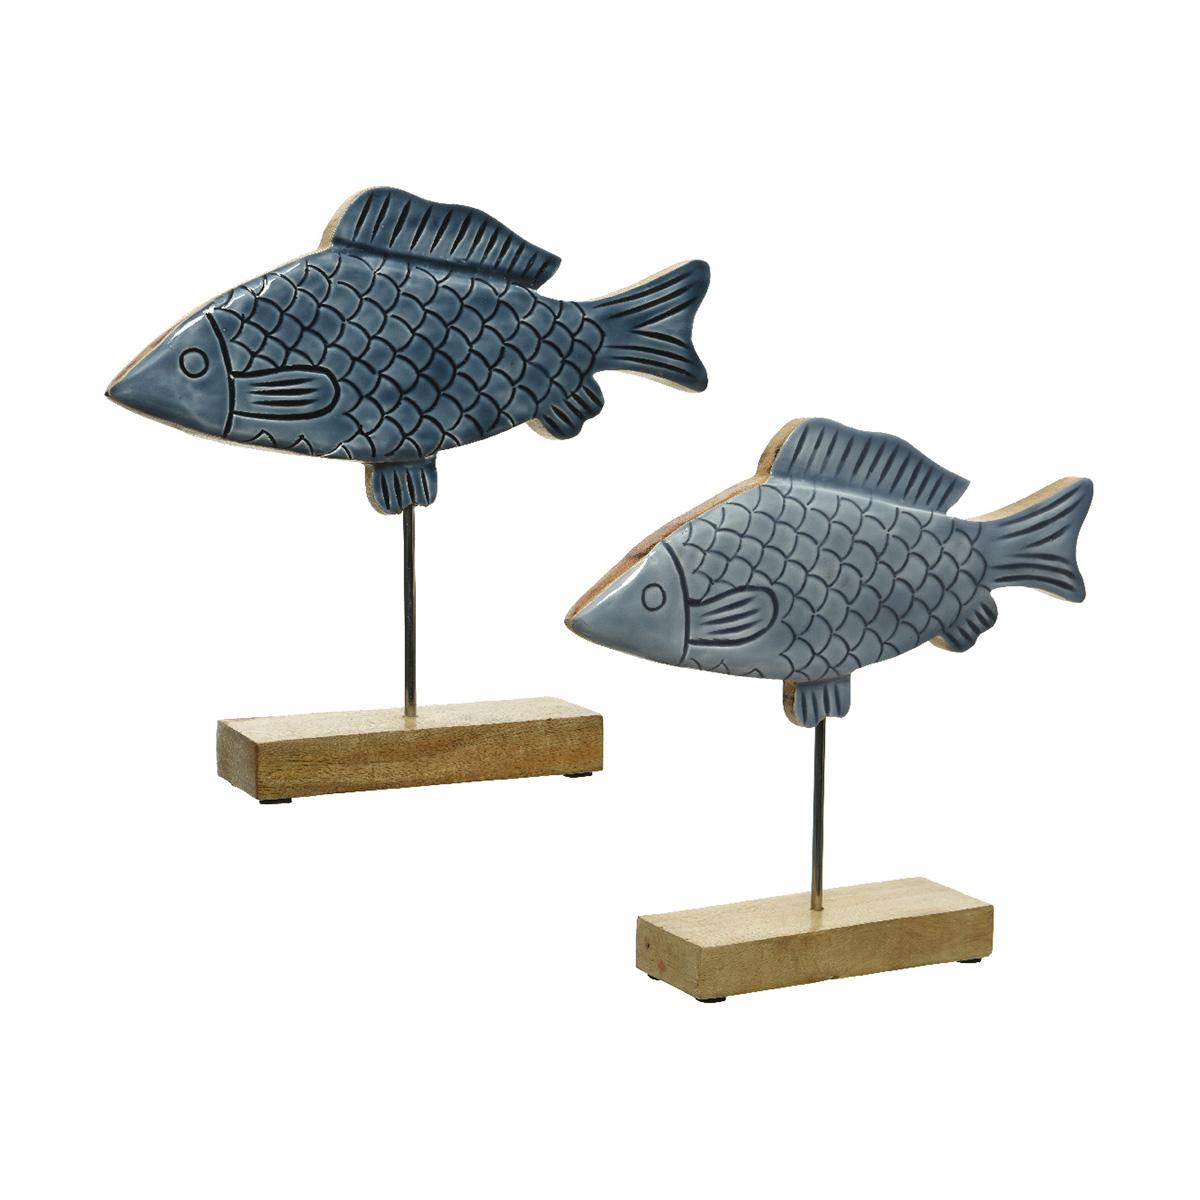 Dekorativna figura riba drvo 847903